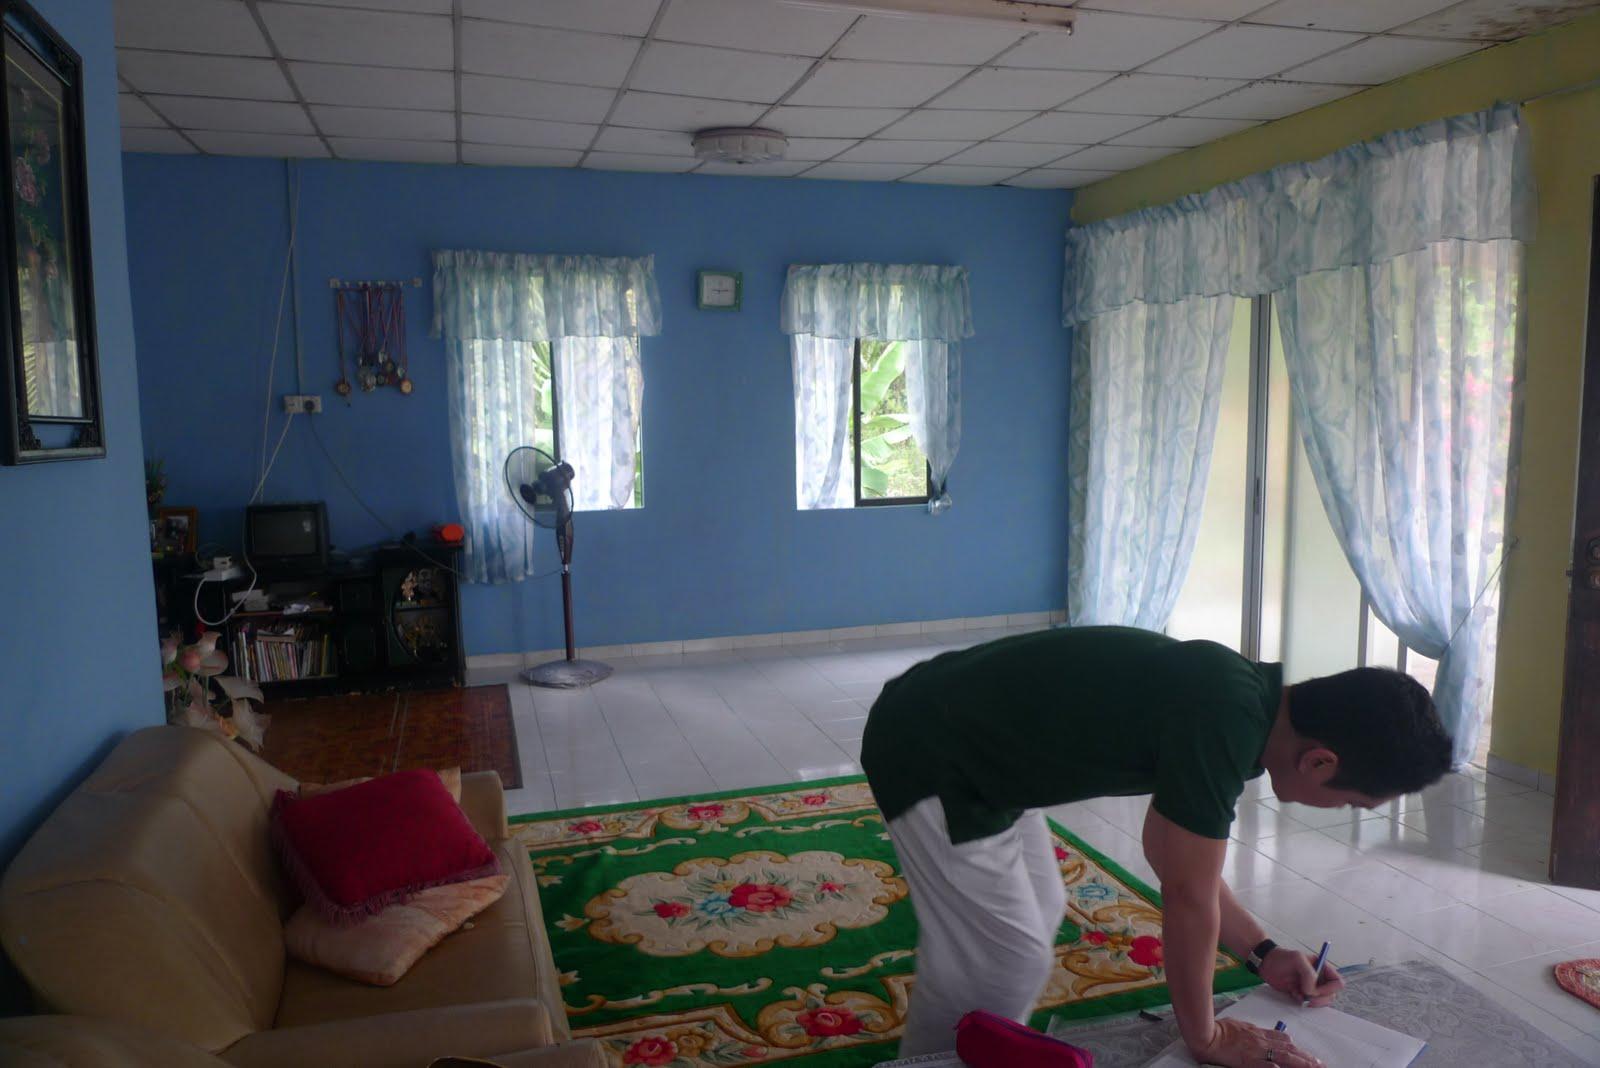 Hias Ruang Tamu Rumah Kampung  Desainrumahid.com